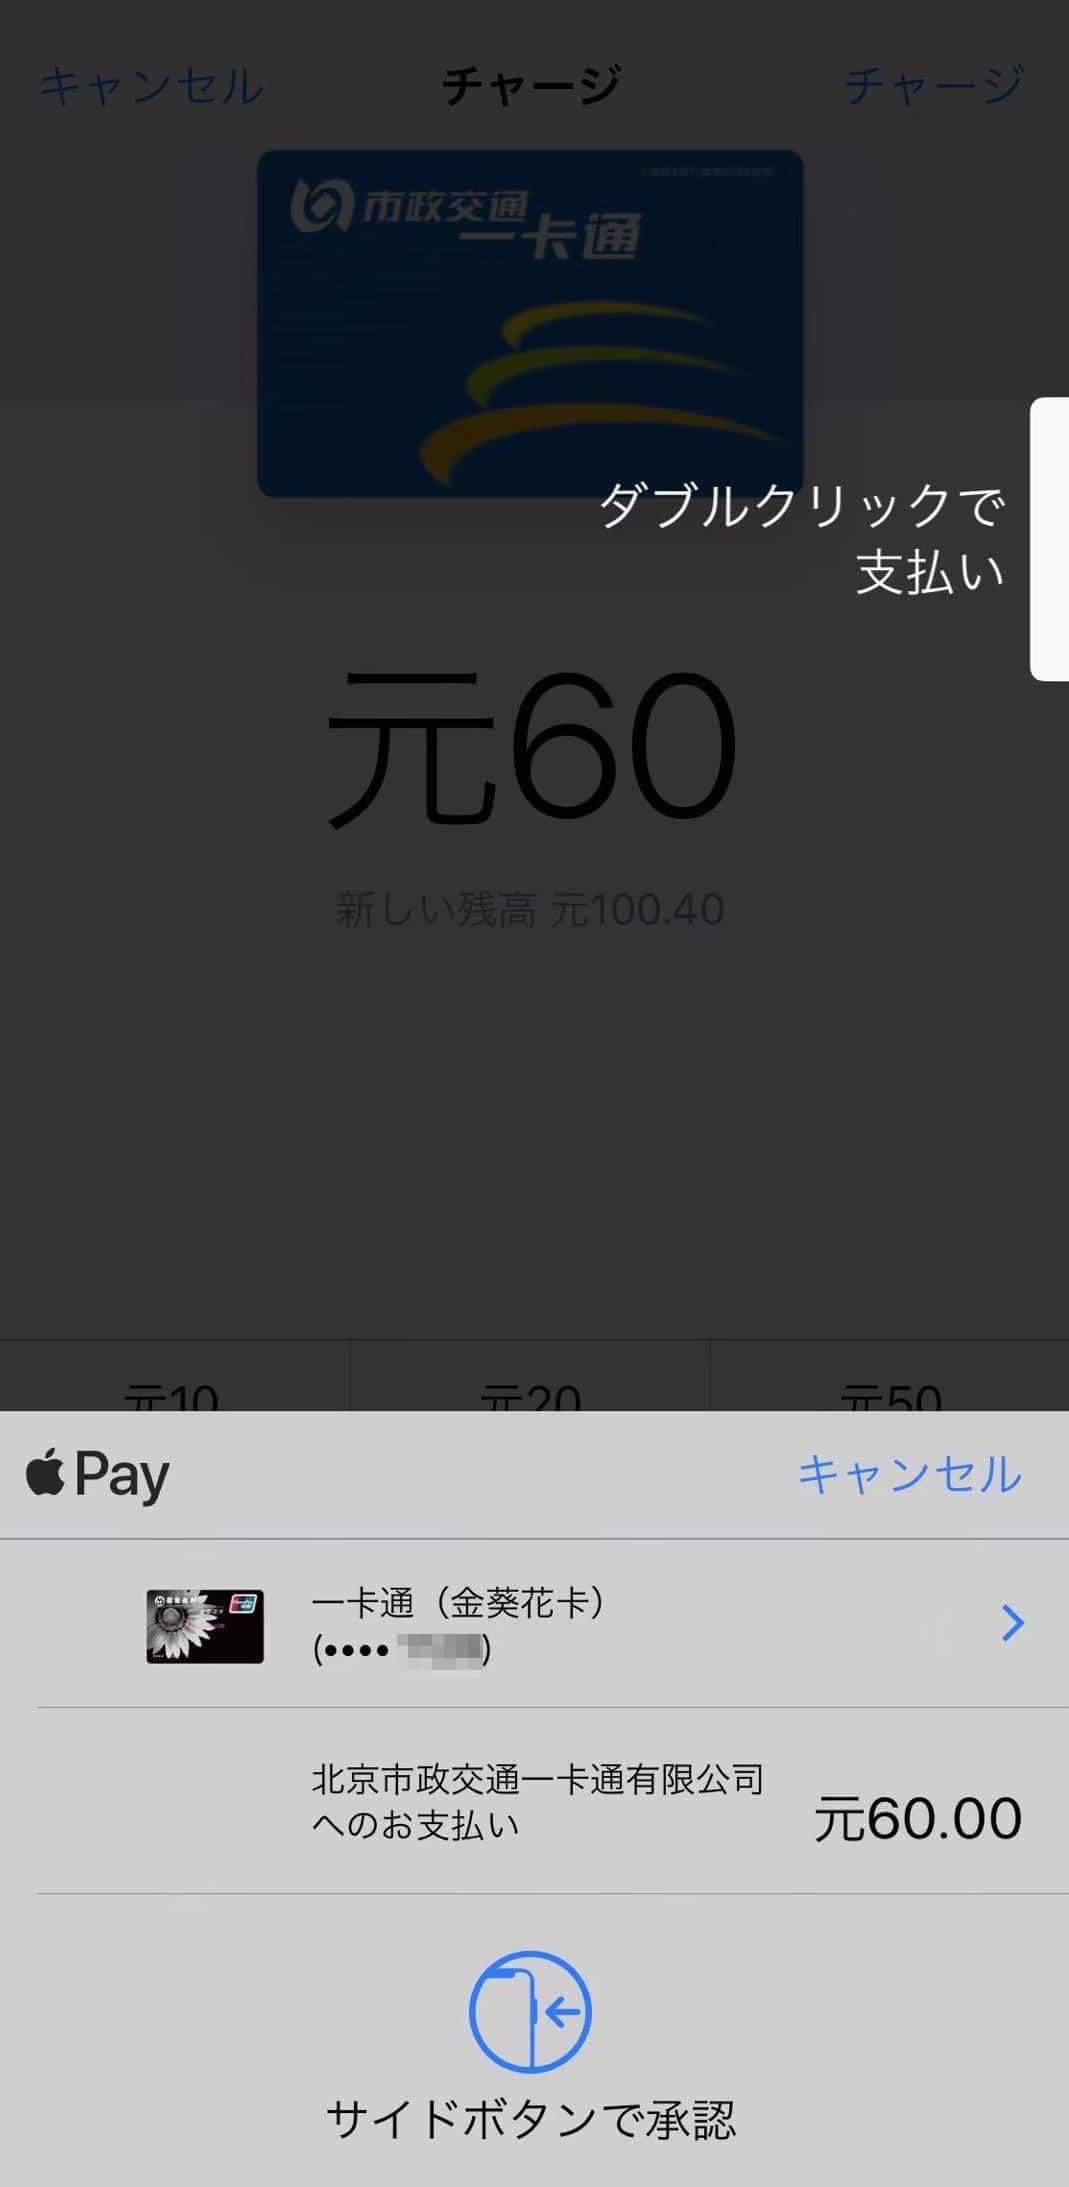 北京一卡通iphoneのウォレットでチャージ